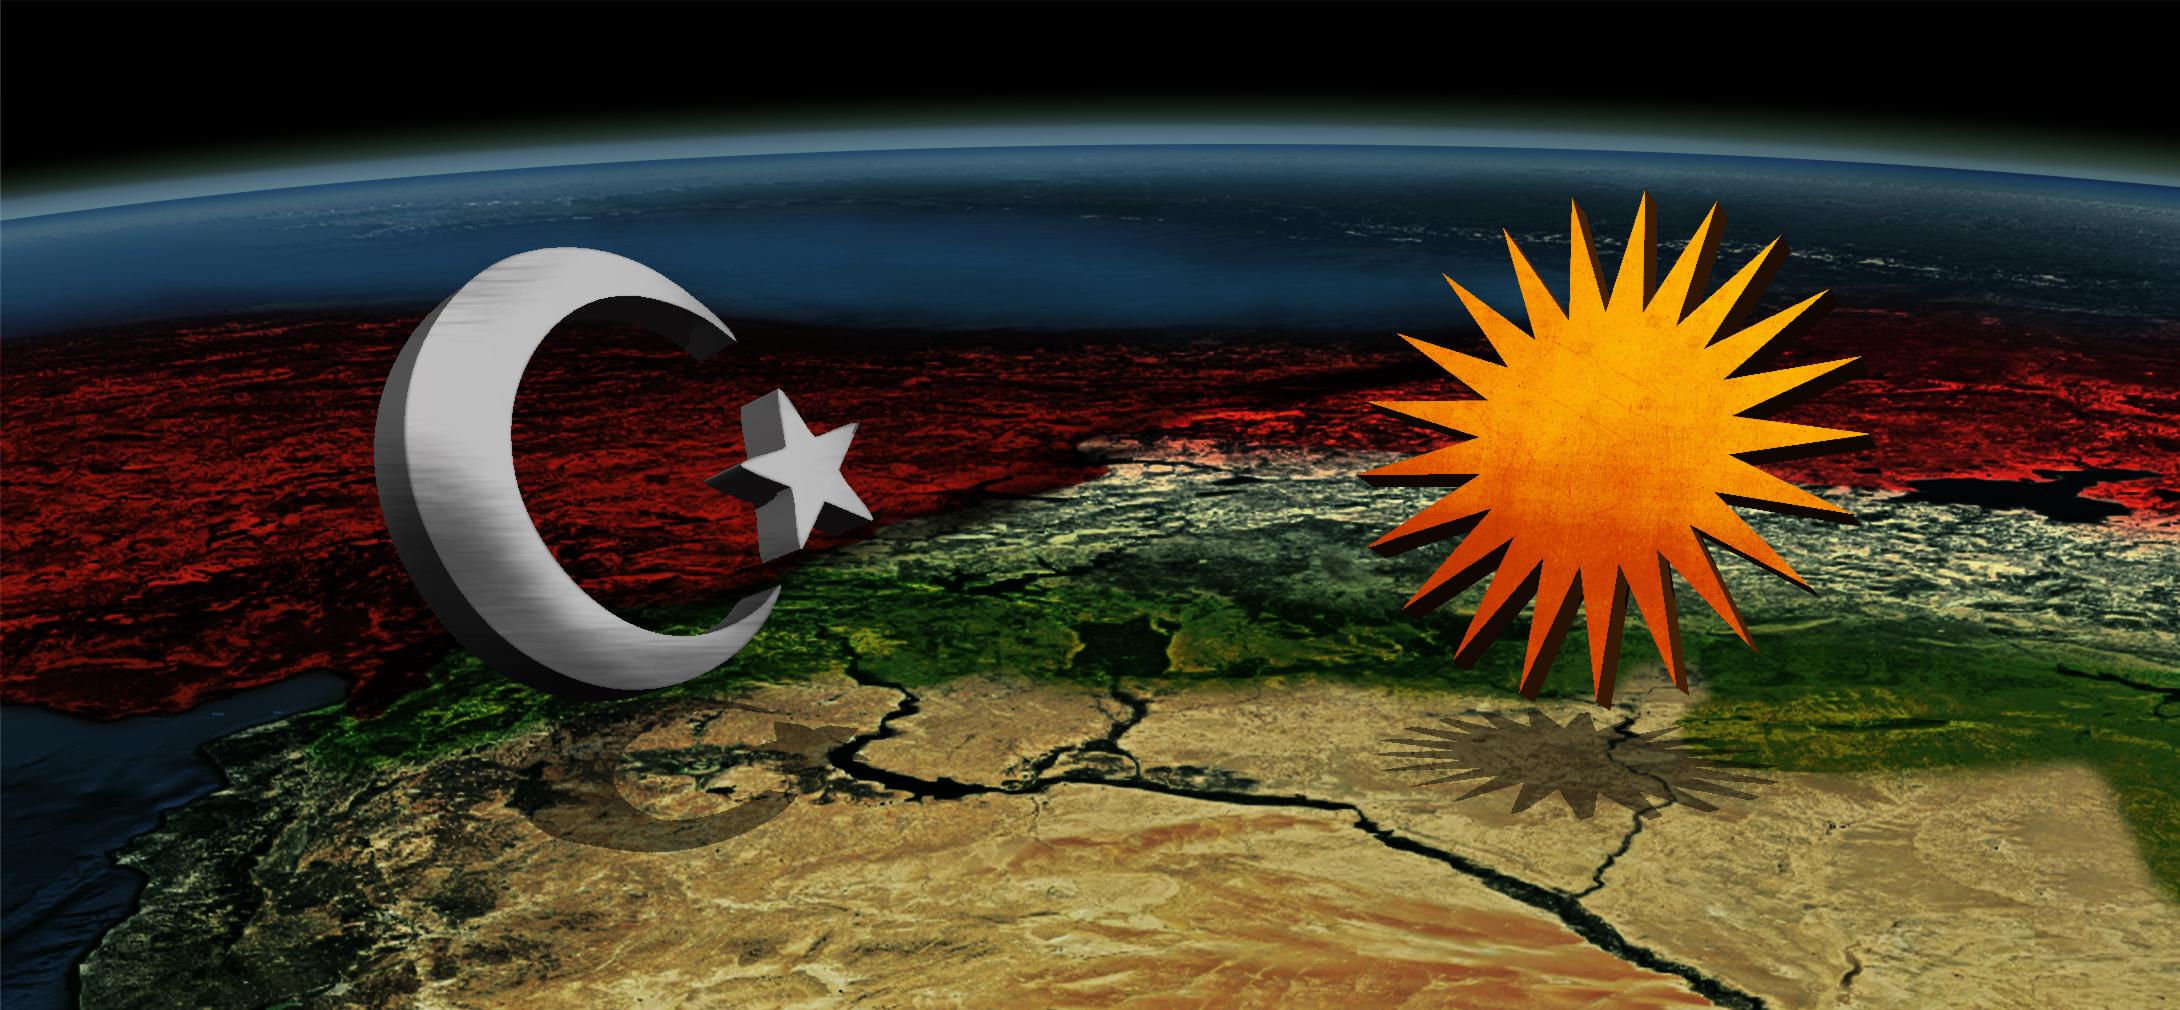 Erdoğans Krieg gegen syrisch-Kurdistan <br>  <span id='sec-title'>Der türkische Einmarsch in Syrien richtet sich gegen die Kurden, nicht den IS</span>